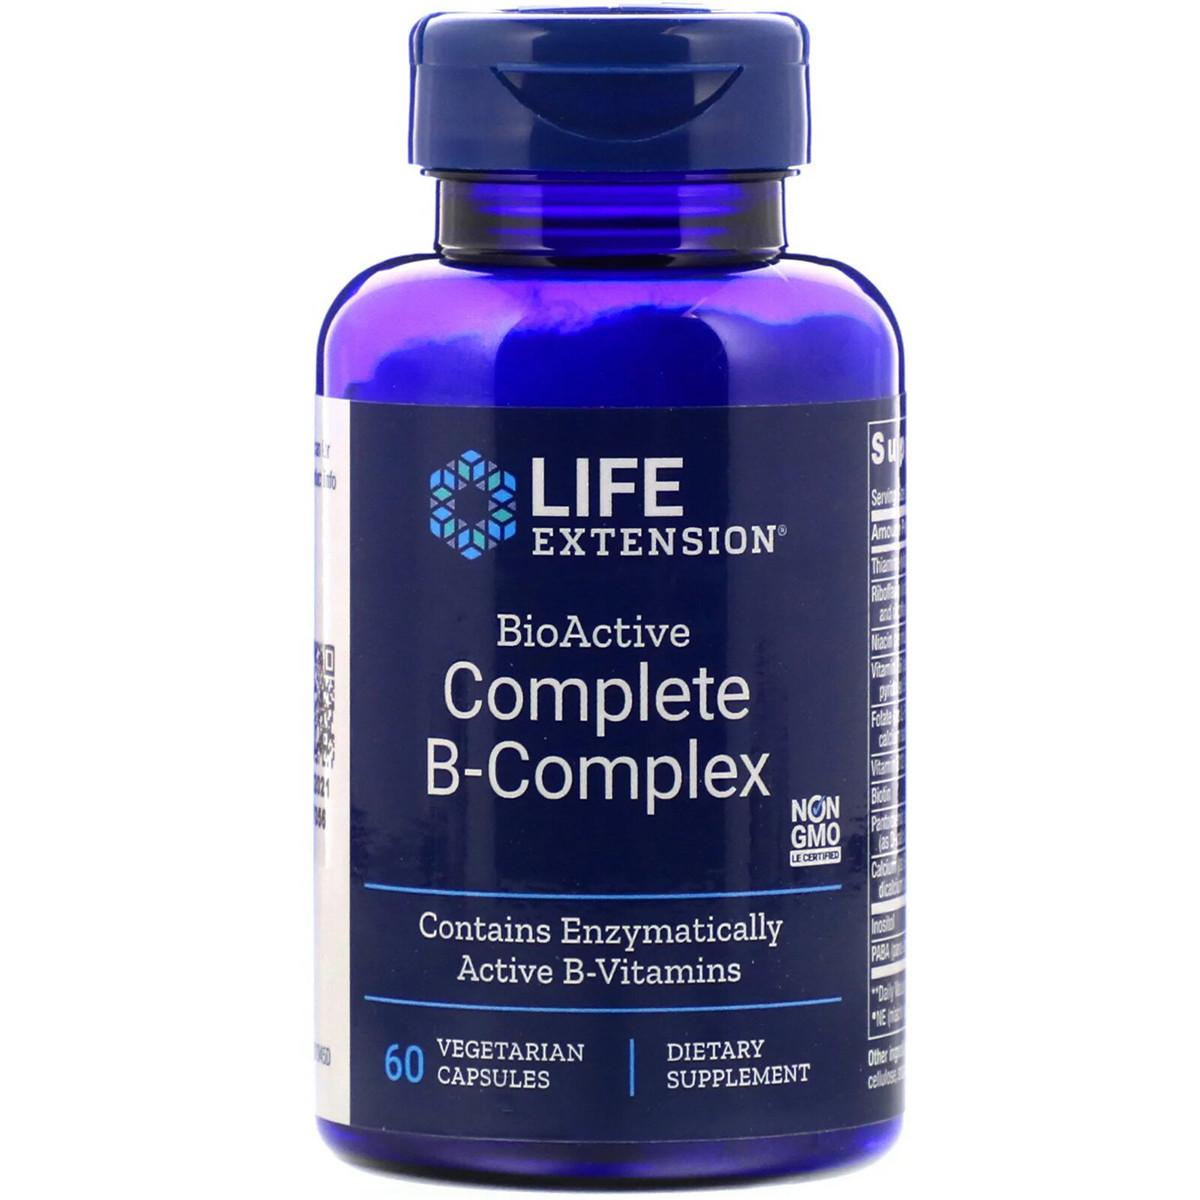 Комплекс Витаминов Группы В, BioActive Complete B-Complex, Life Extension, 60 вегетарианских капсул